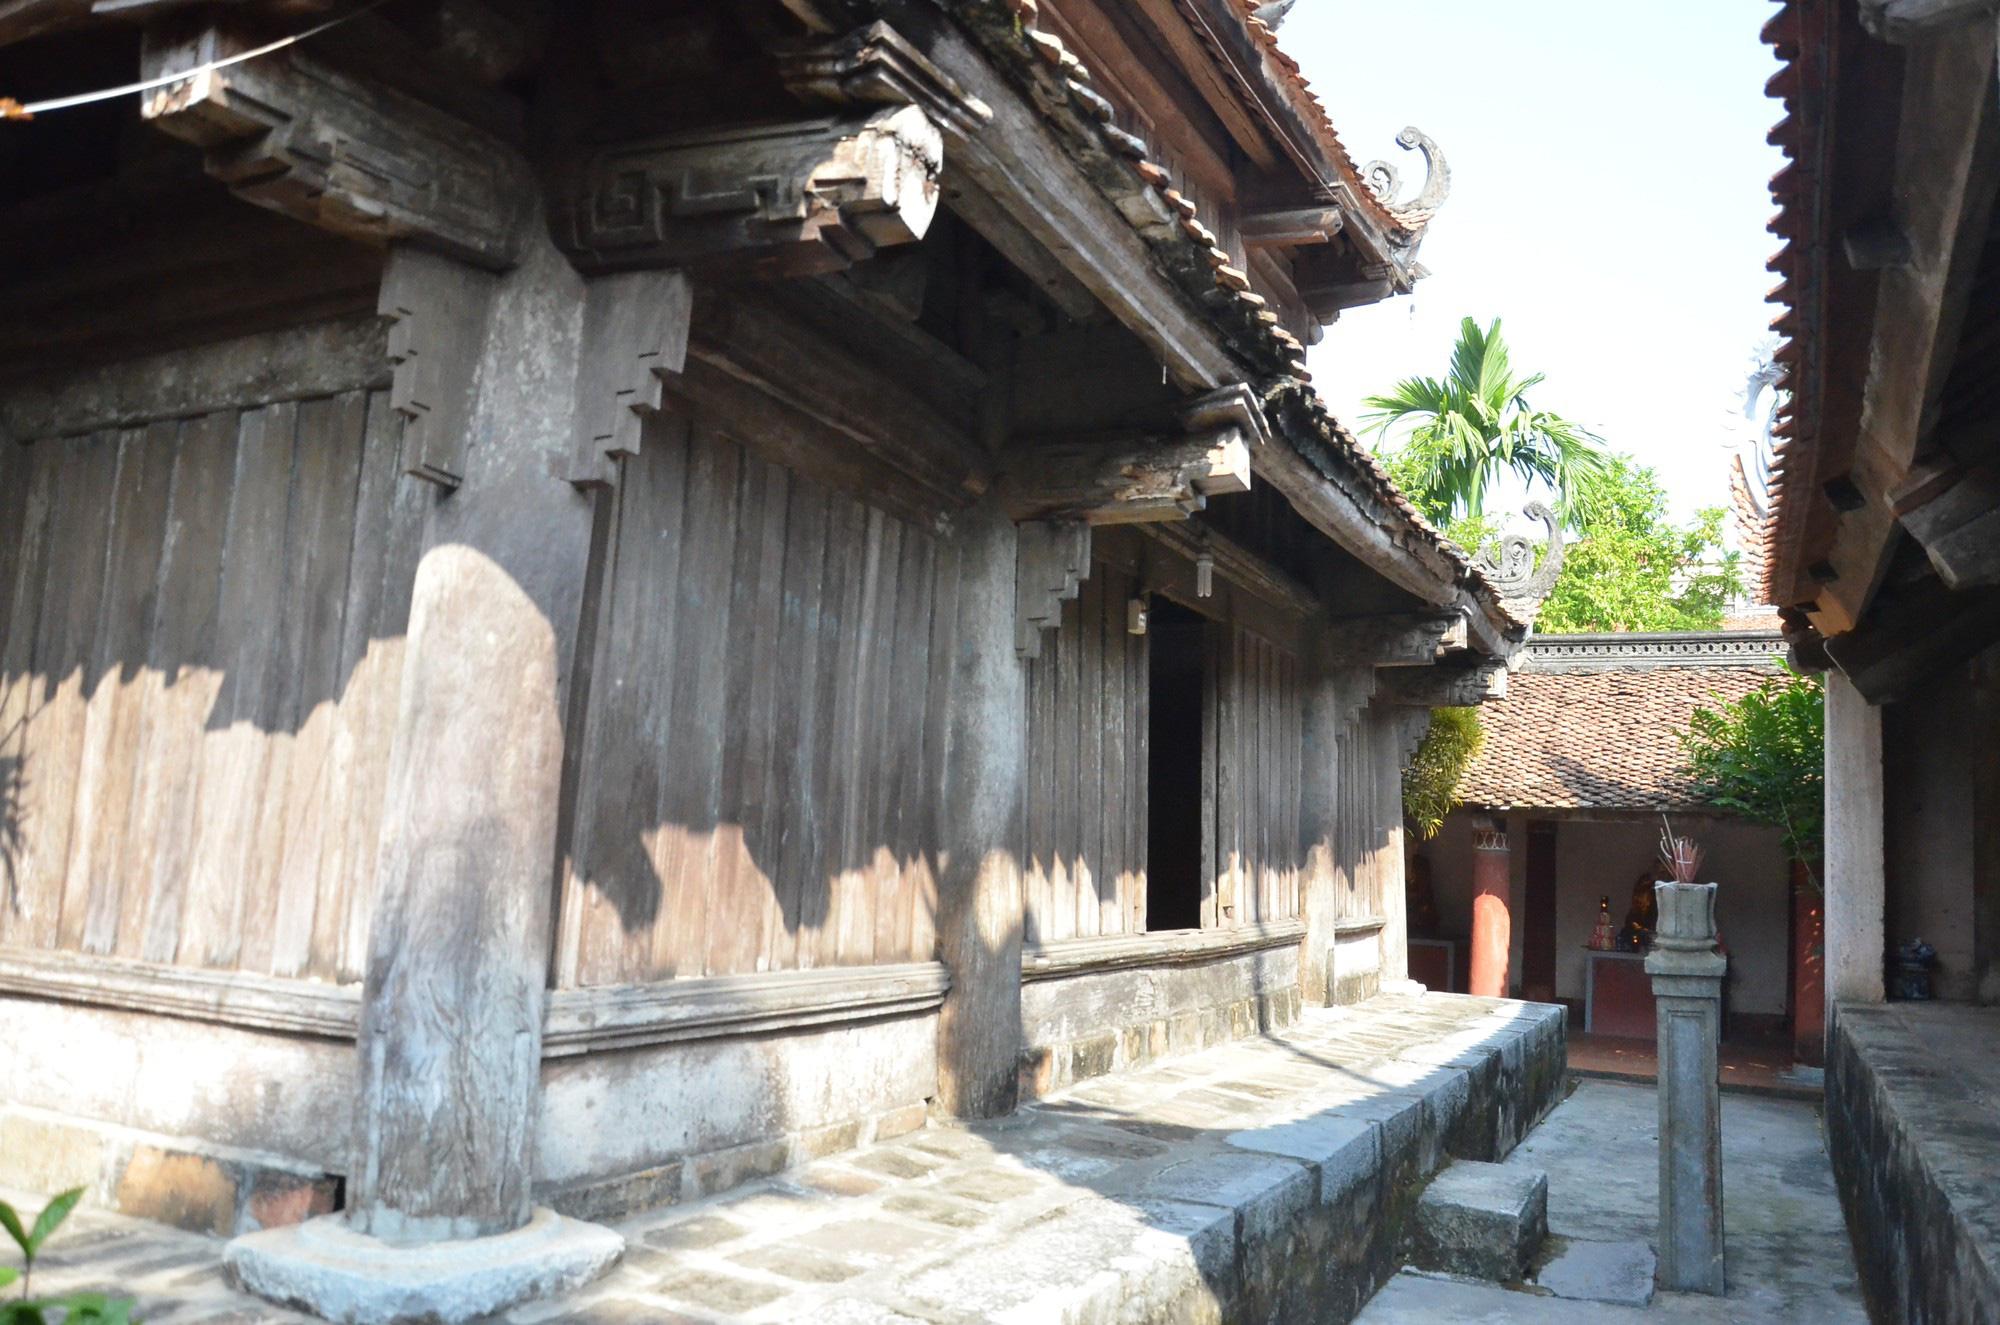 """Về chùa Giám Hải Dương chiêm ngưỡng """"báu vật"""" quốc gia từ cuối thế kỷ 17, chỉ có duy nhất ở Việt Nam  - Ảnh 10."""